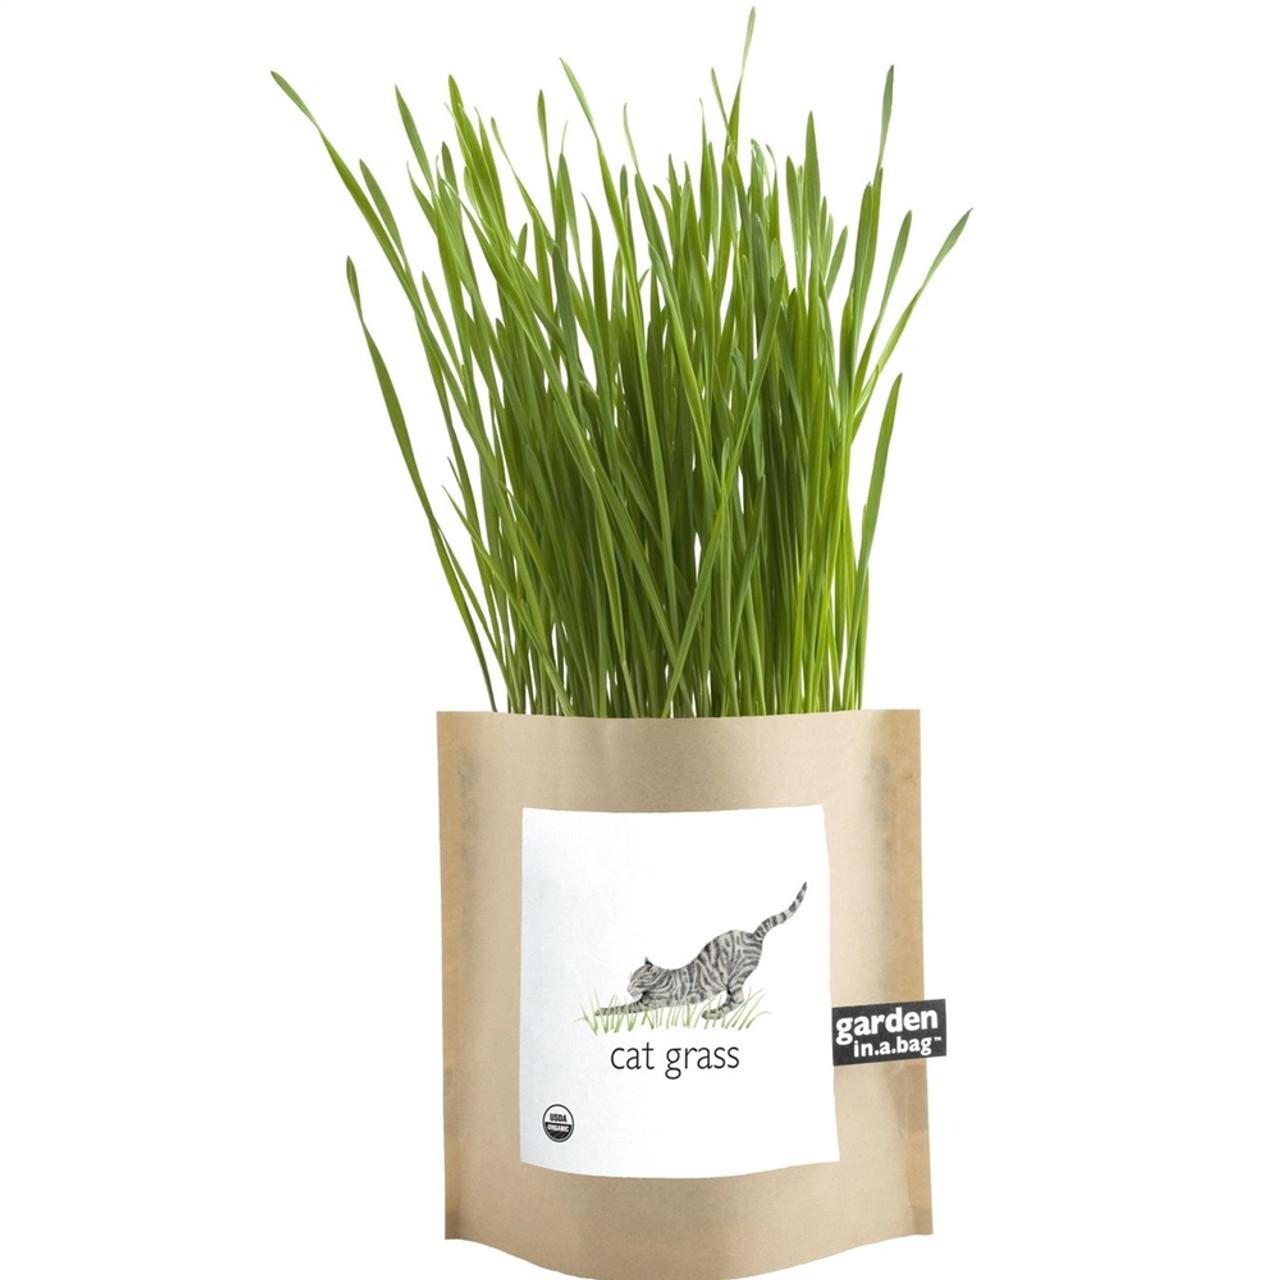 Cat Grass Garden in a Bag